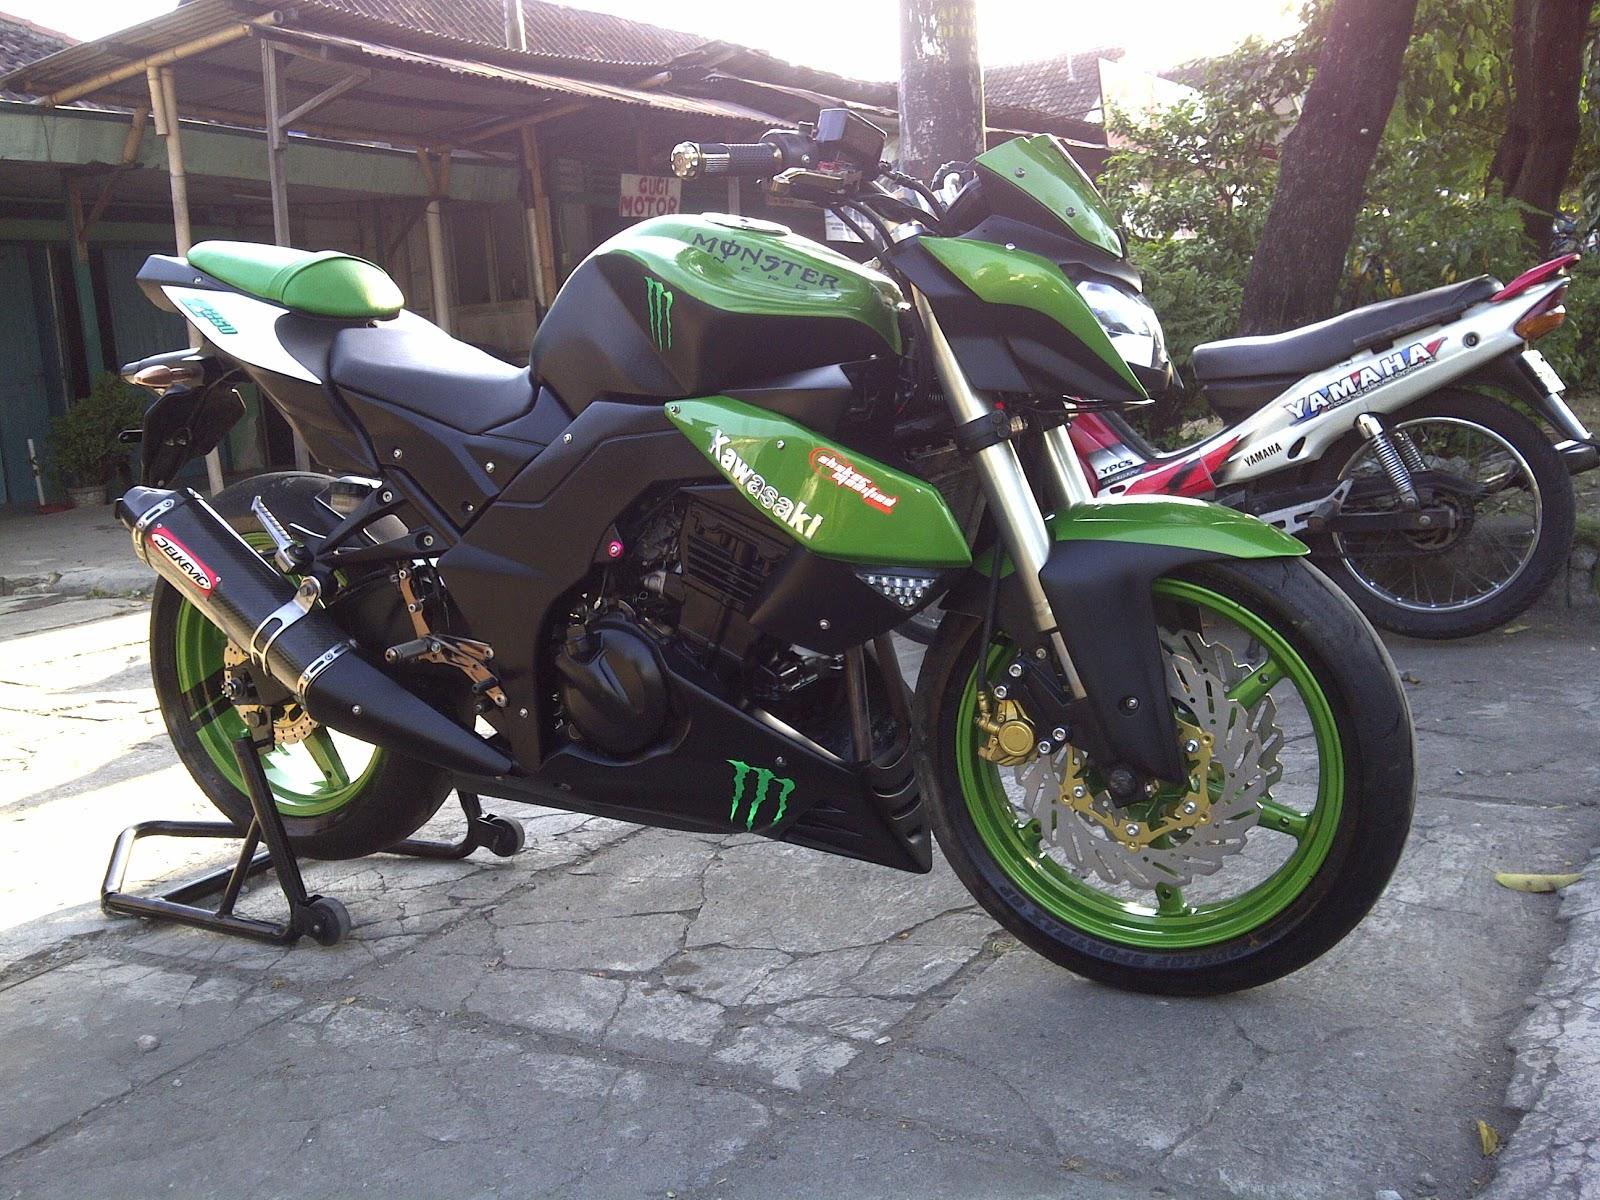 Kawasaki Ninja 250 Konsep Kawasaki Z1000 title=